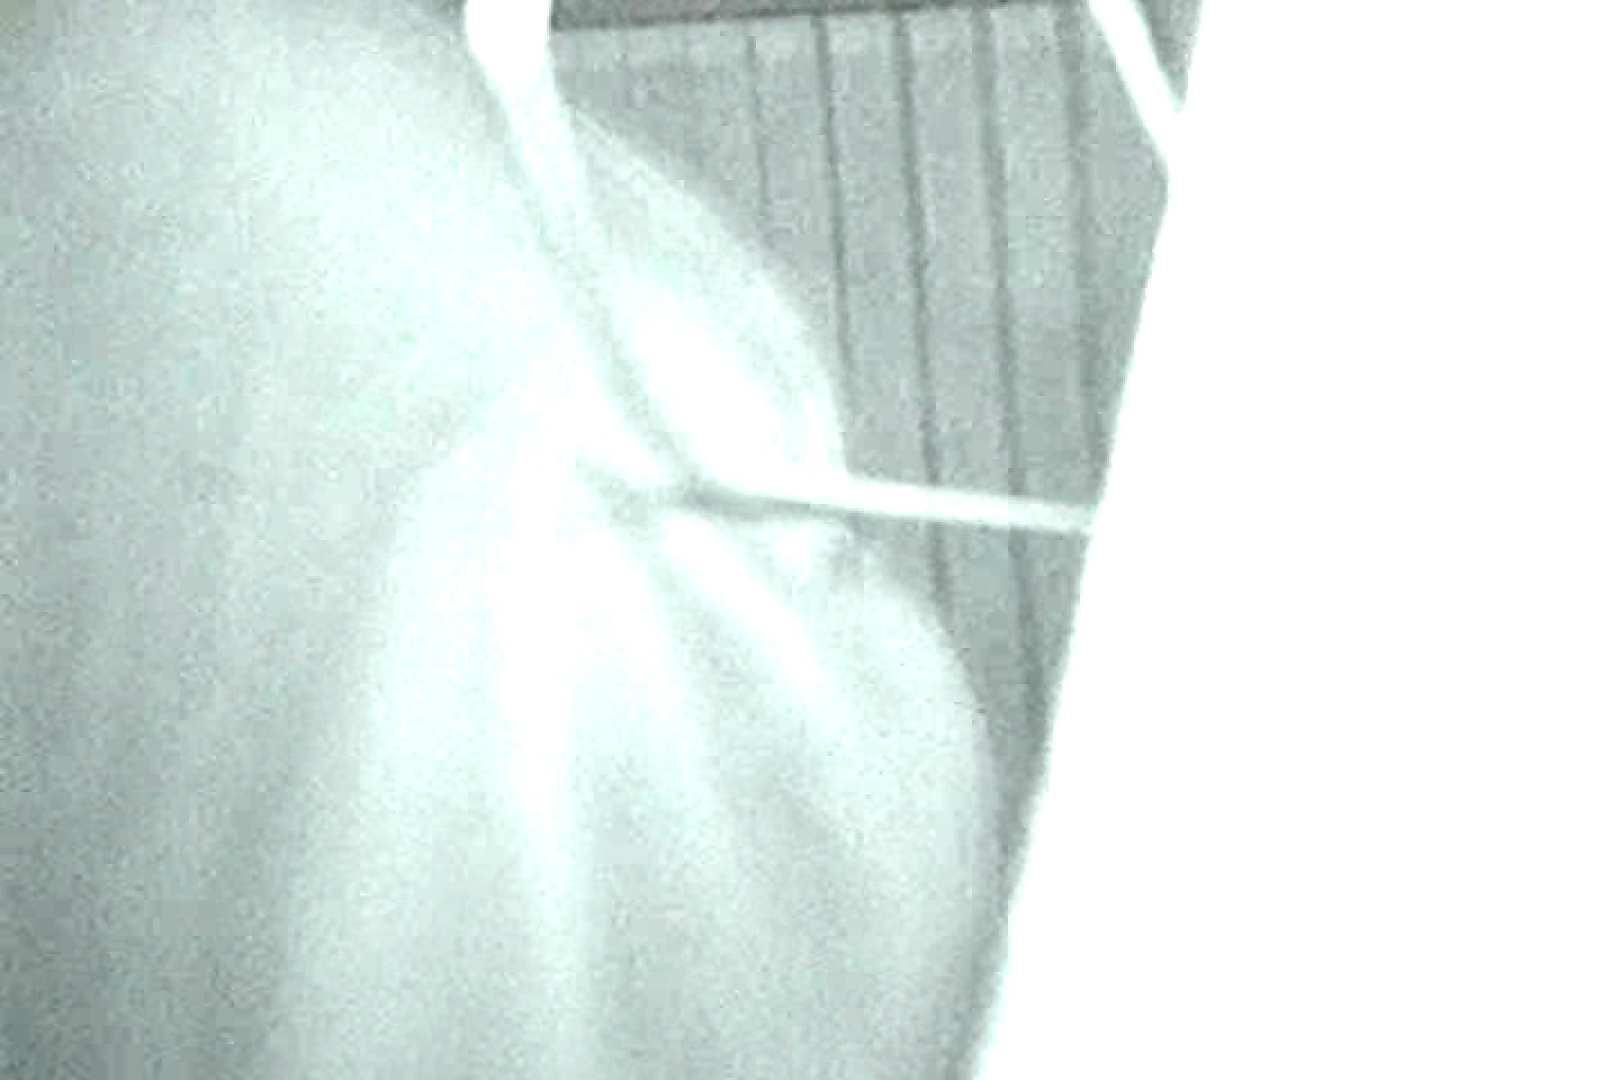 充血監督の深夜の運動会Vol.12 カップル  65画像 32